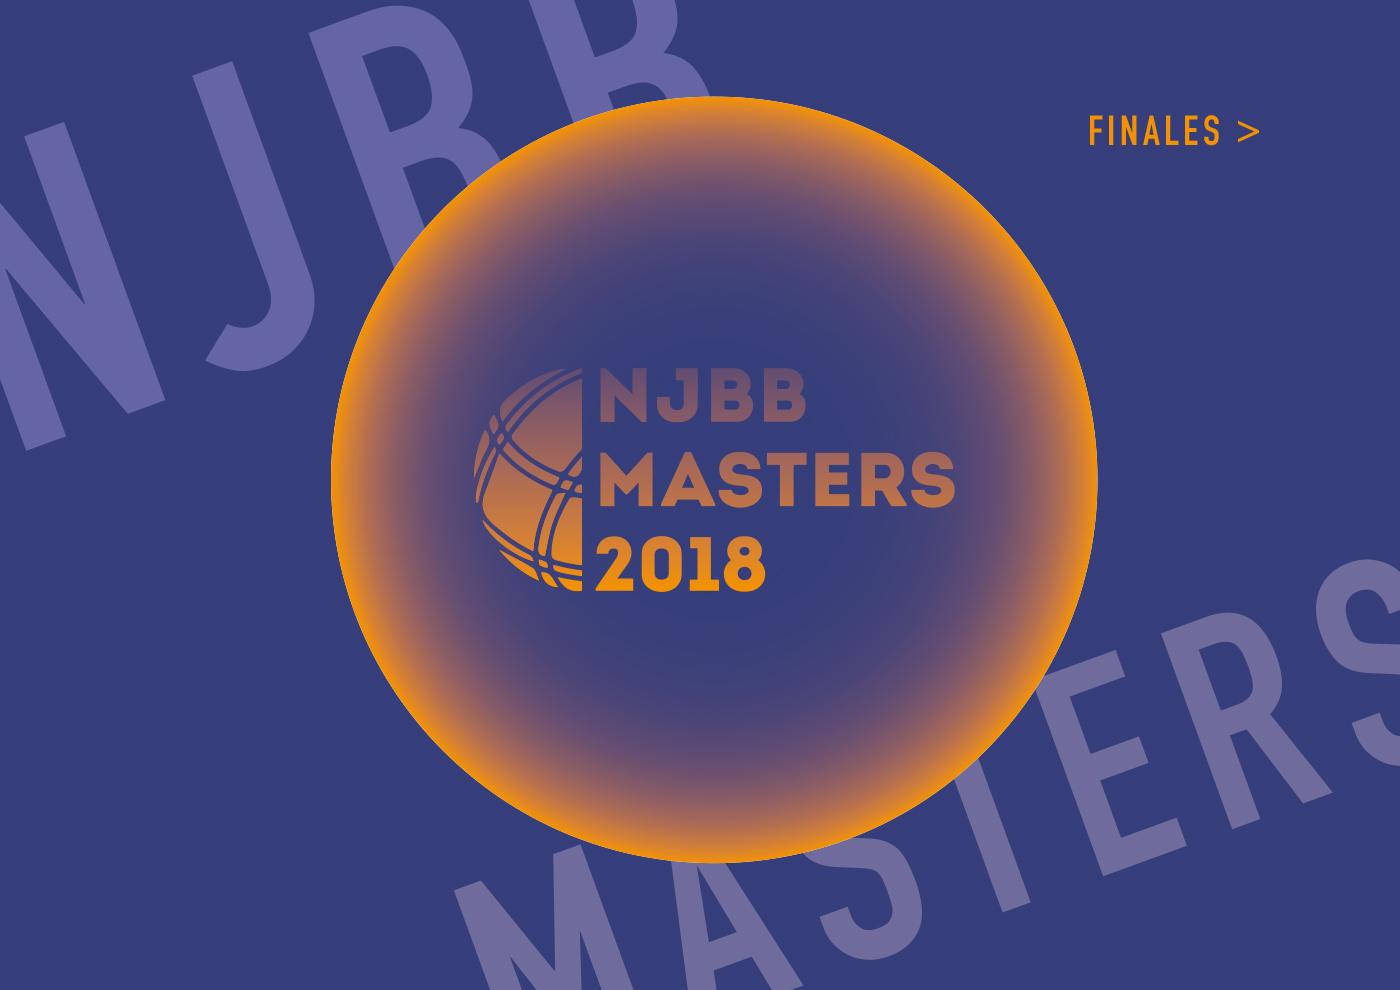 NJBB Masters finales petanque